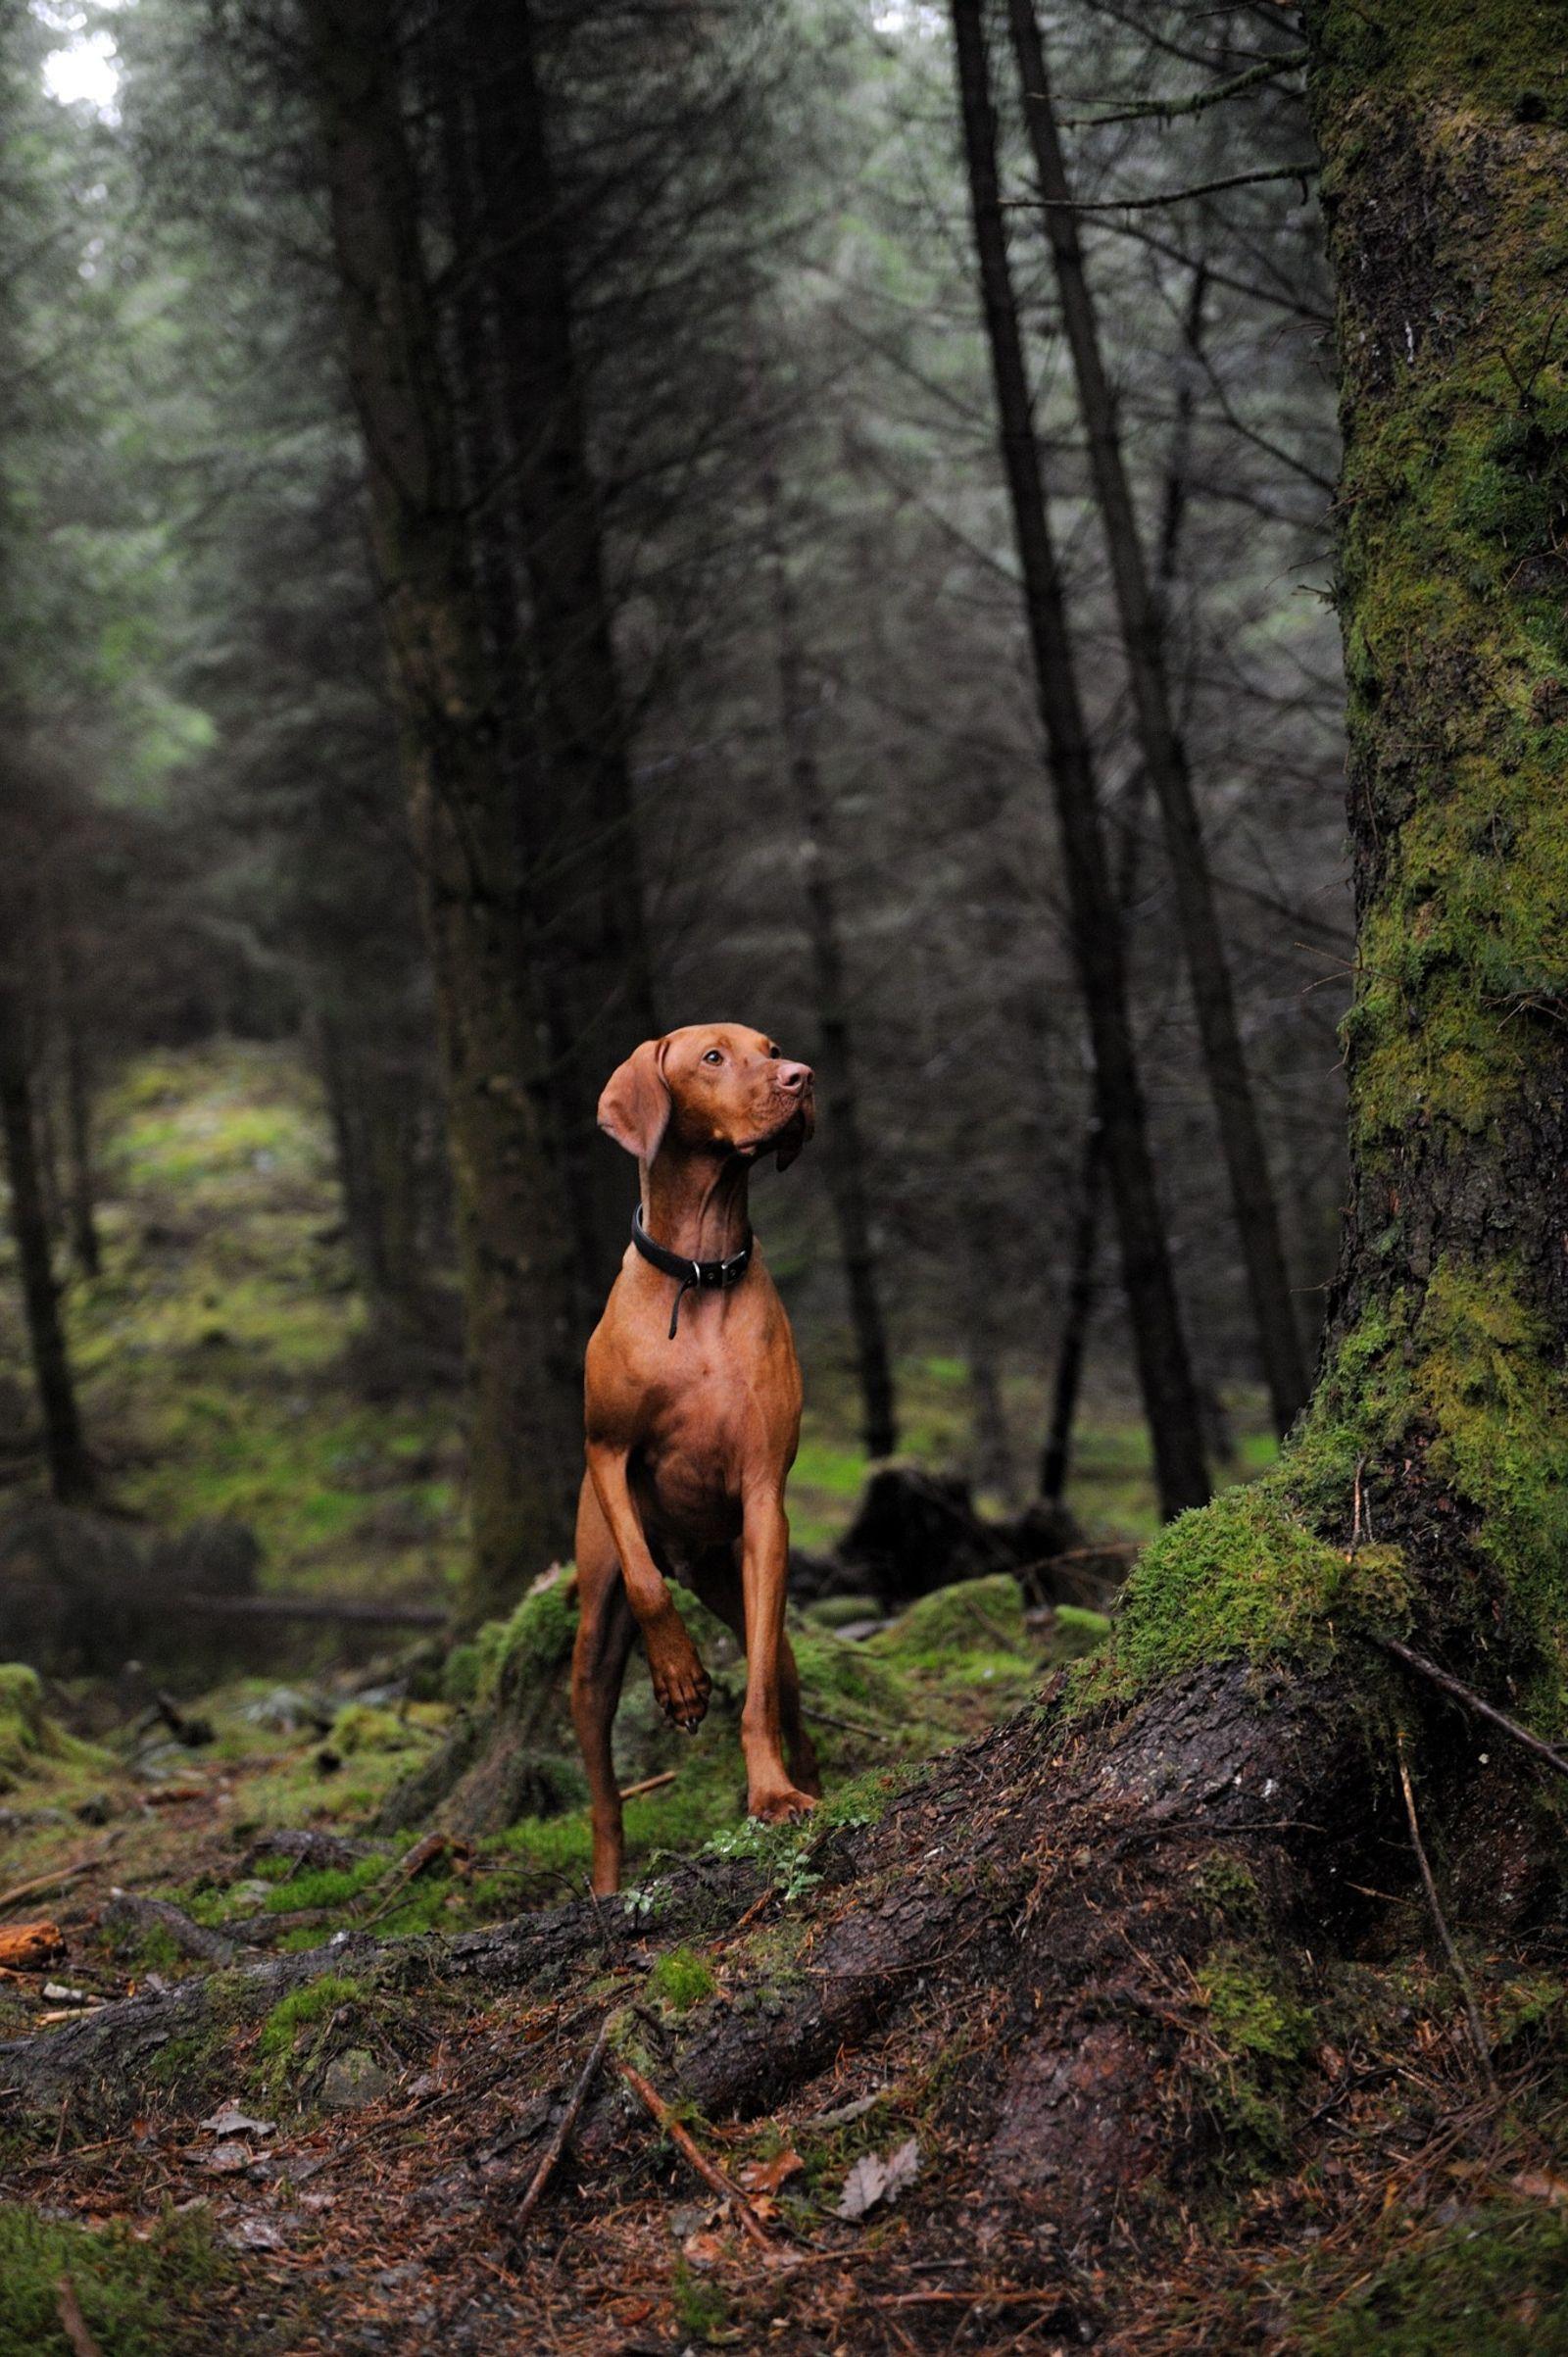 Los perros modernos podrían descender de los lobos antiguos que jugaban con los humanos